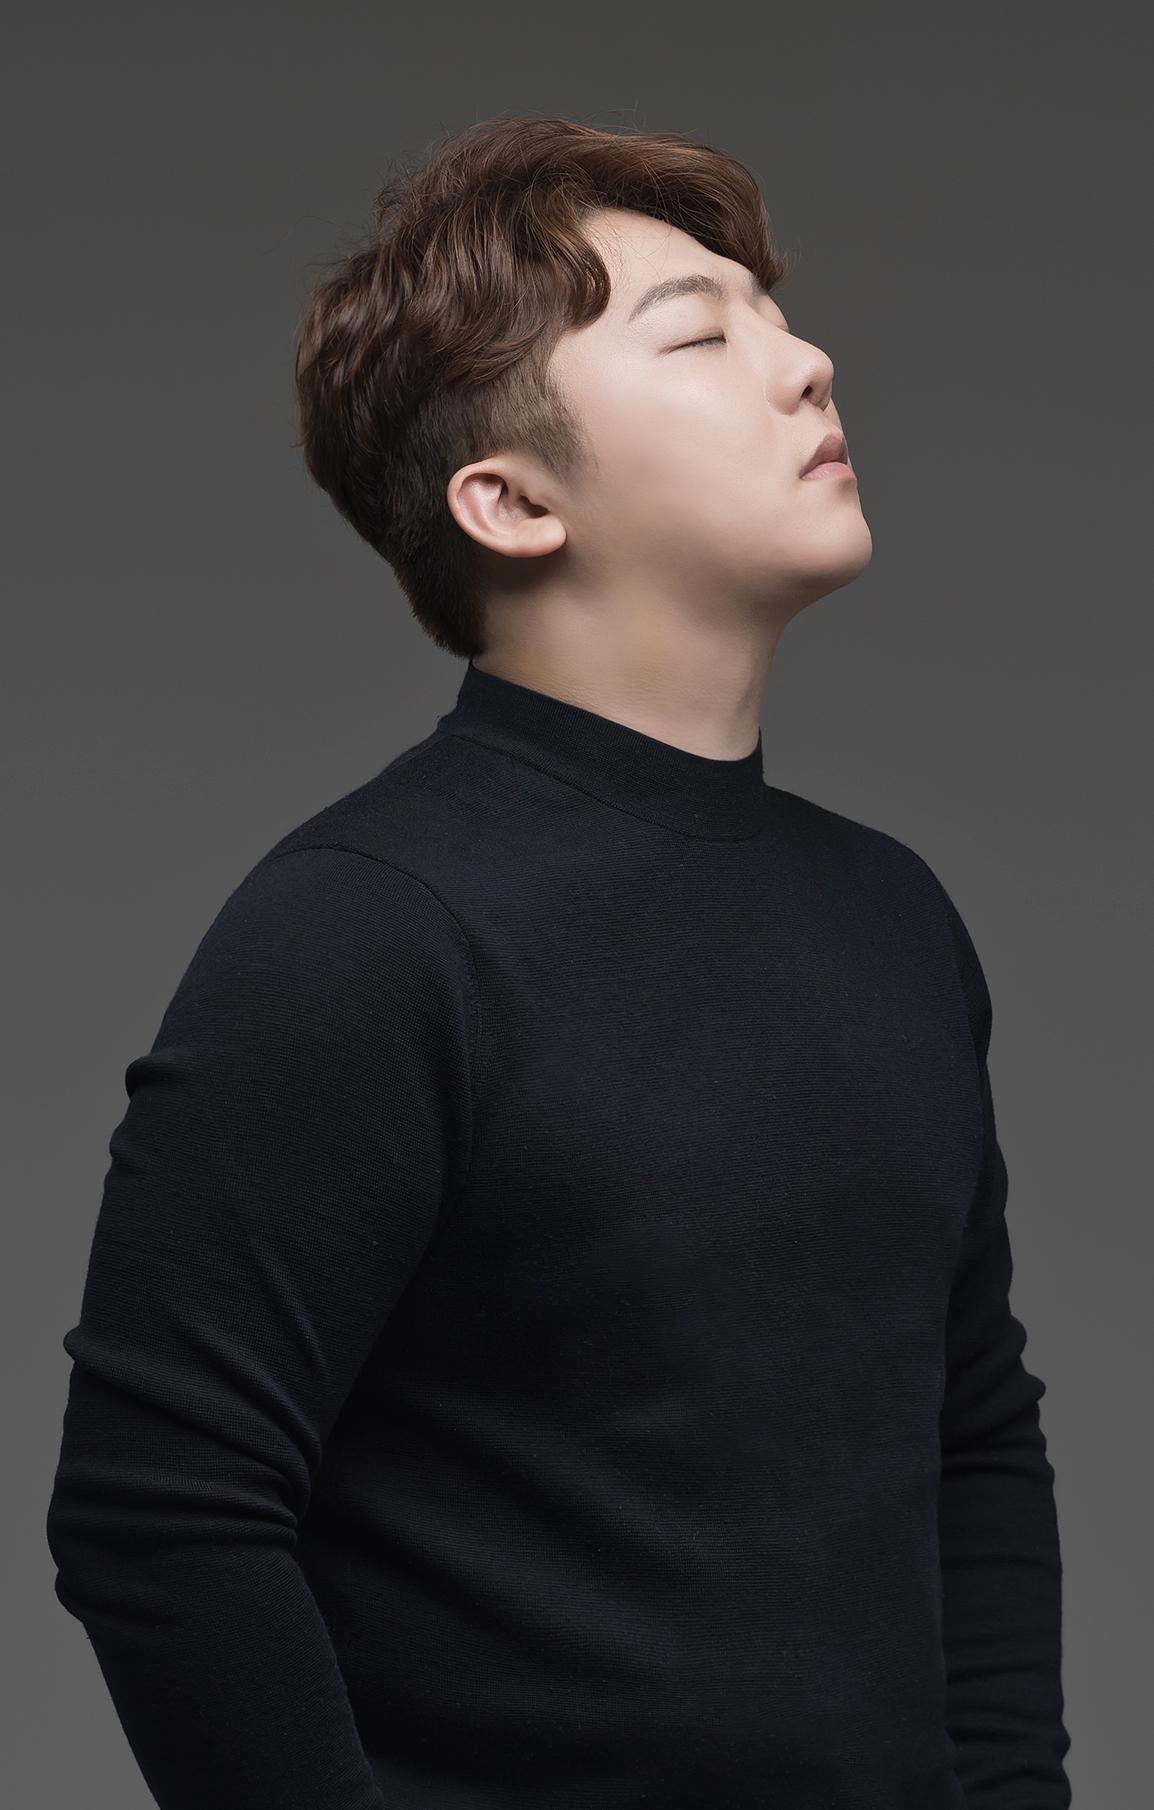 Beomjin Kim © privat